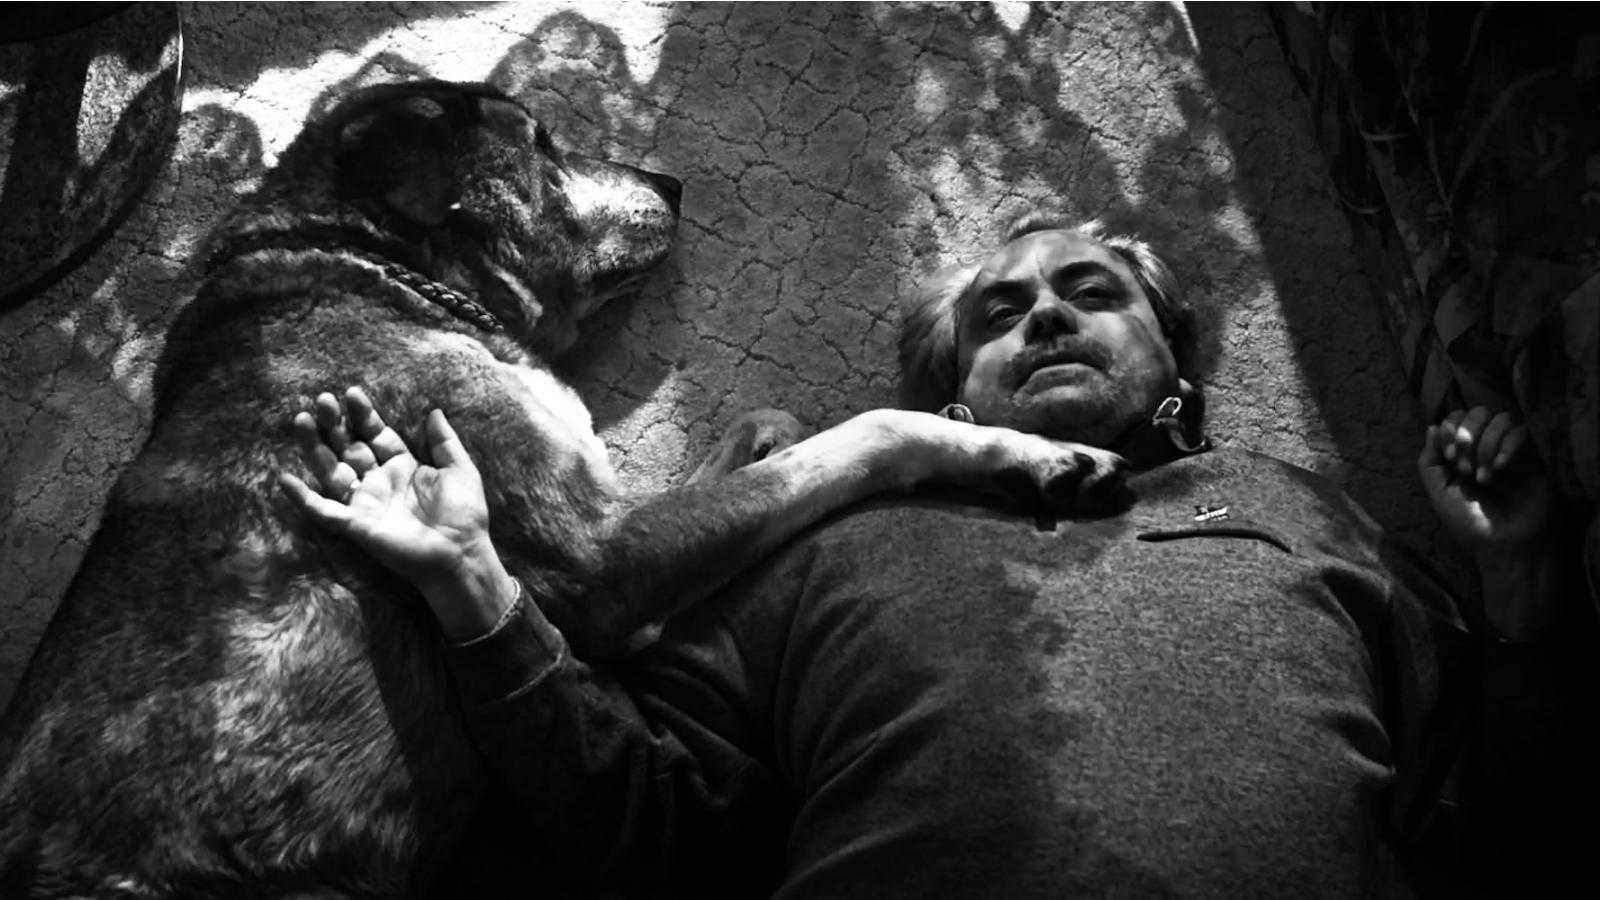 Von Hunden und Pferden @ Peter Matjasko